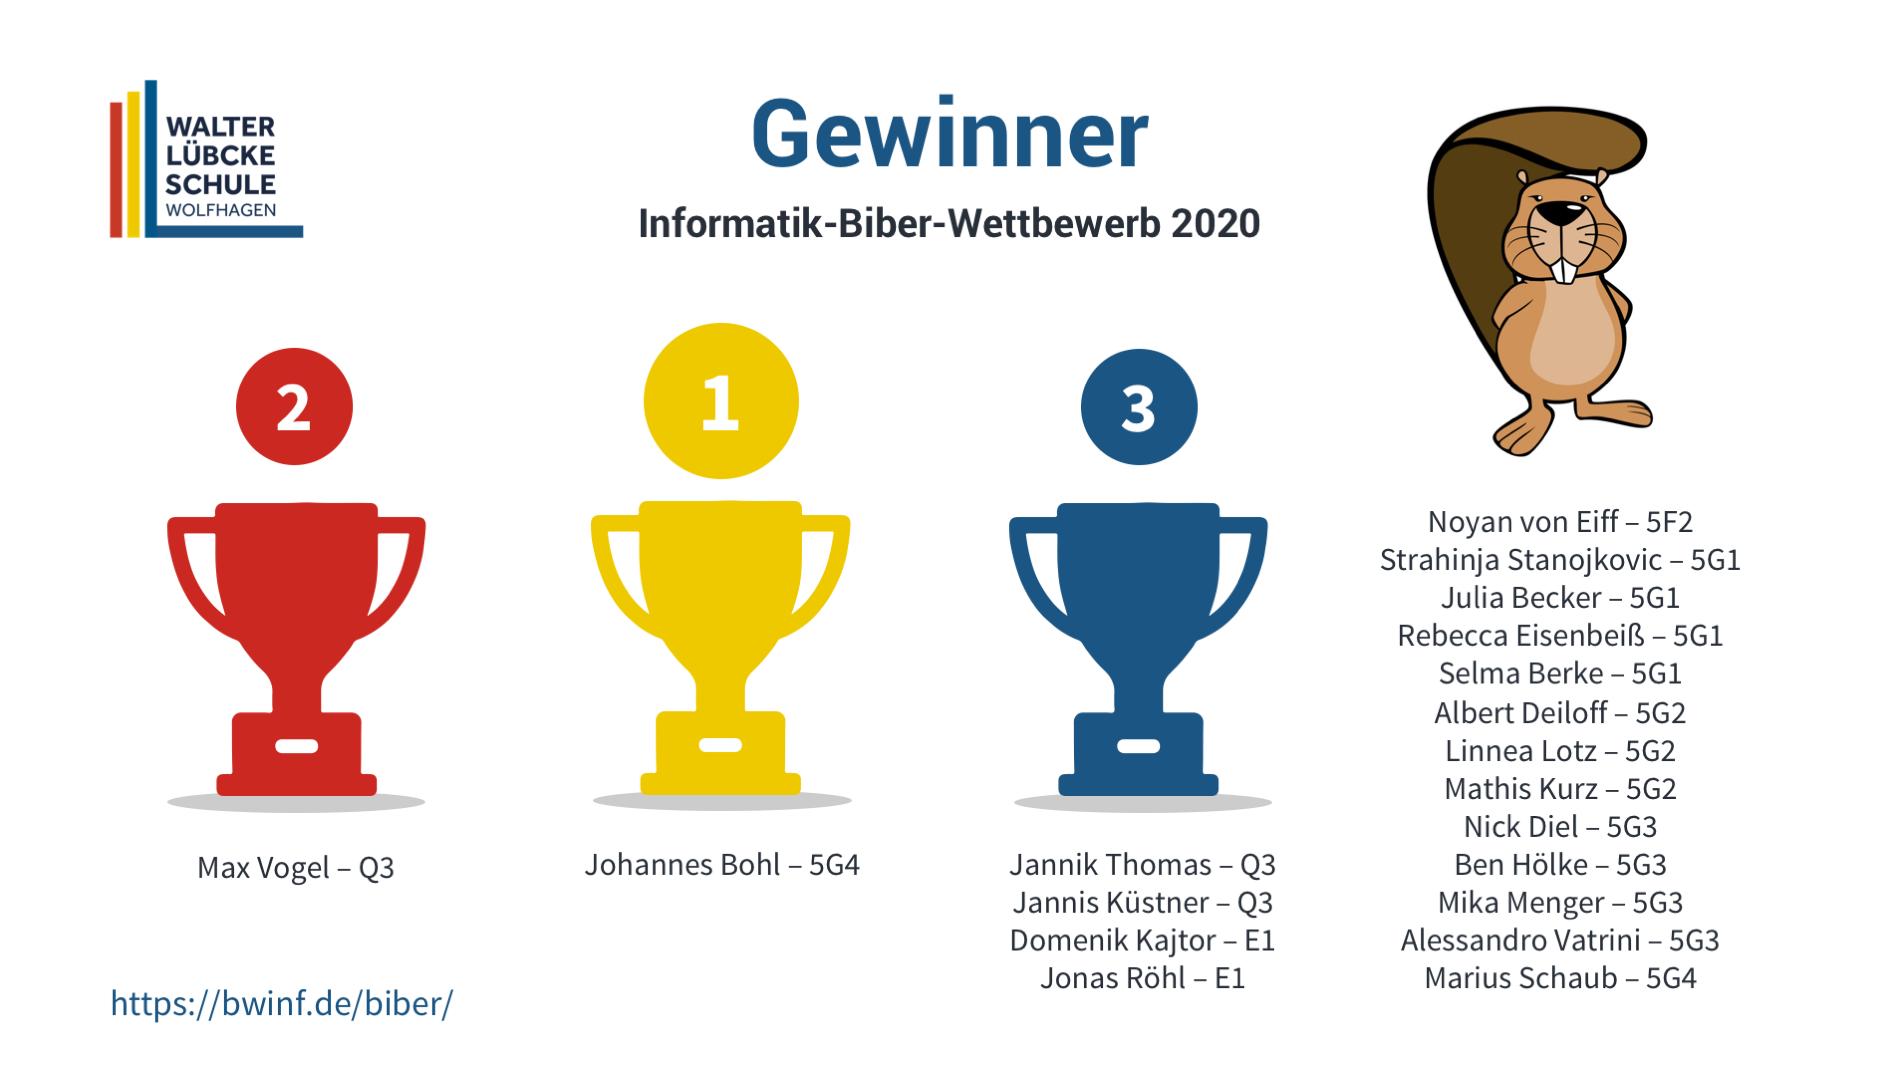 Gewinner Informatik-Biber-Wettbewerb 2020